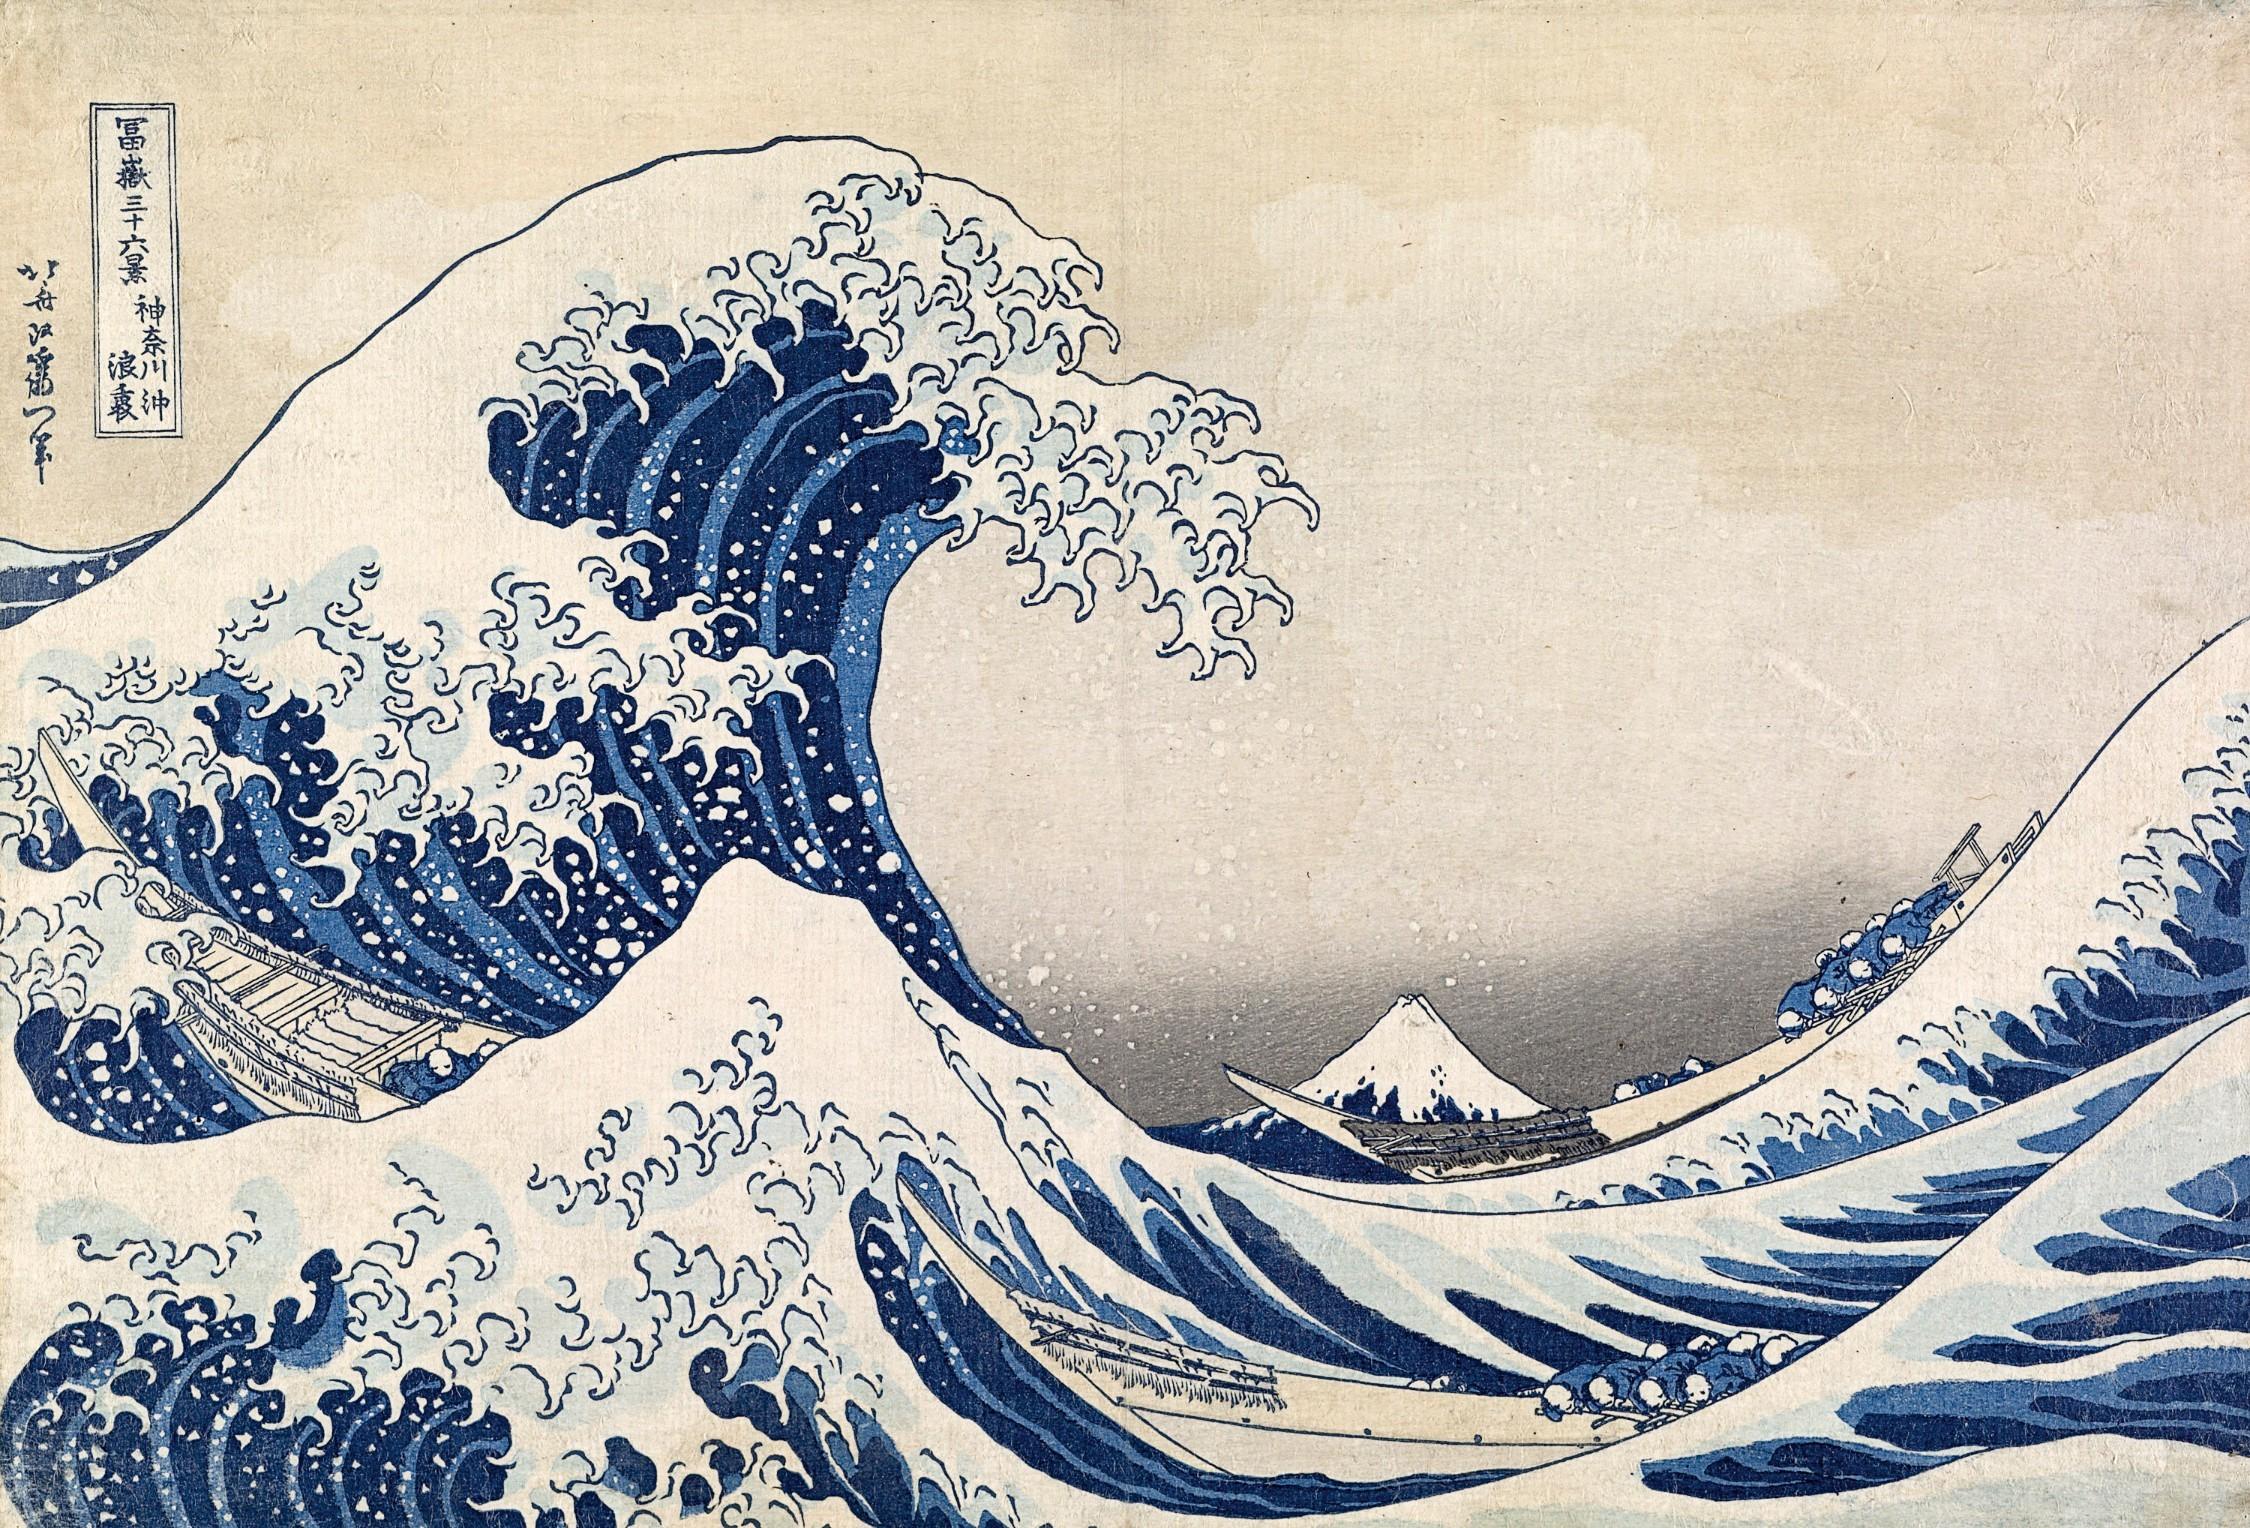 葛飾北斎の失われた作品が、大英博物館のオンラインで公開